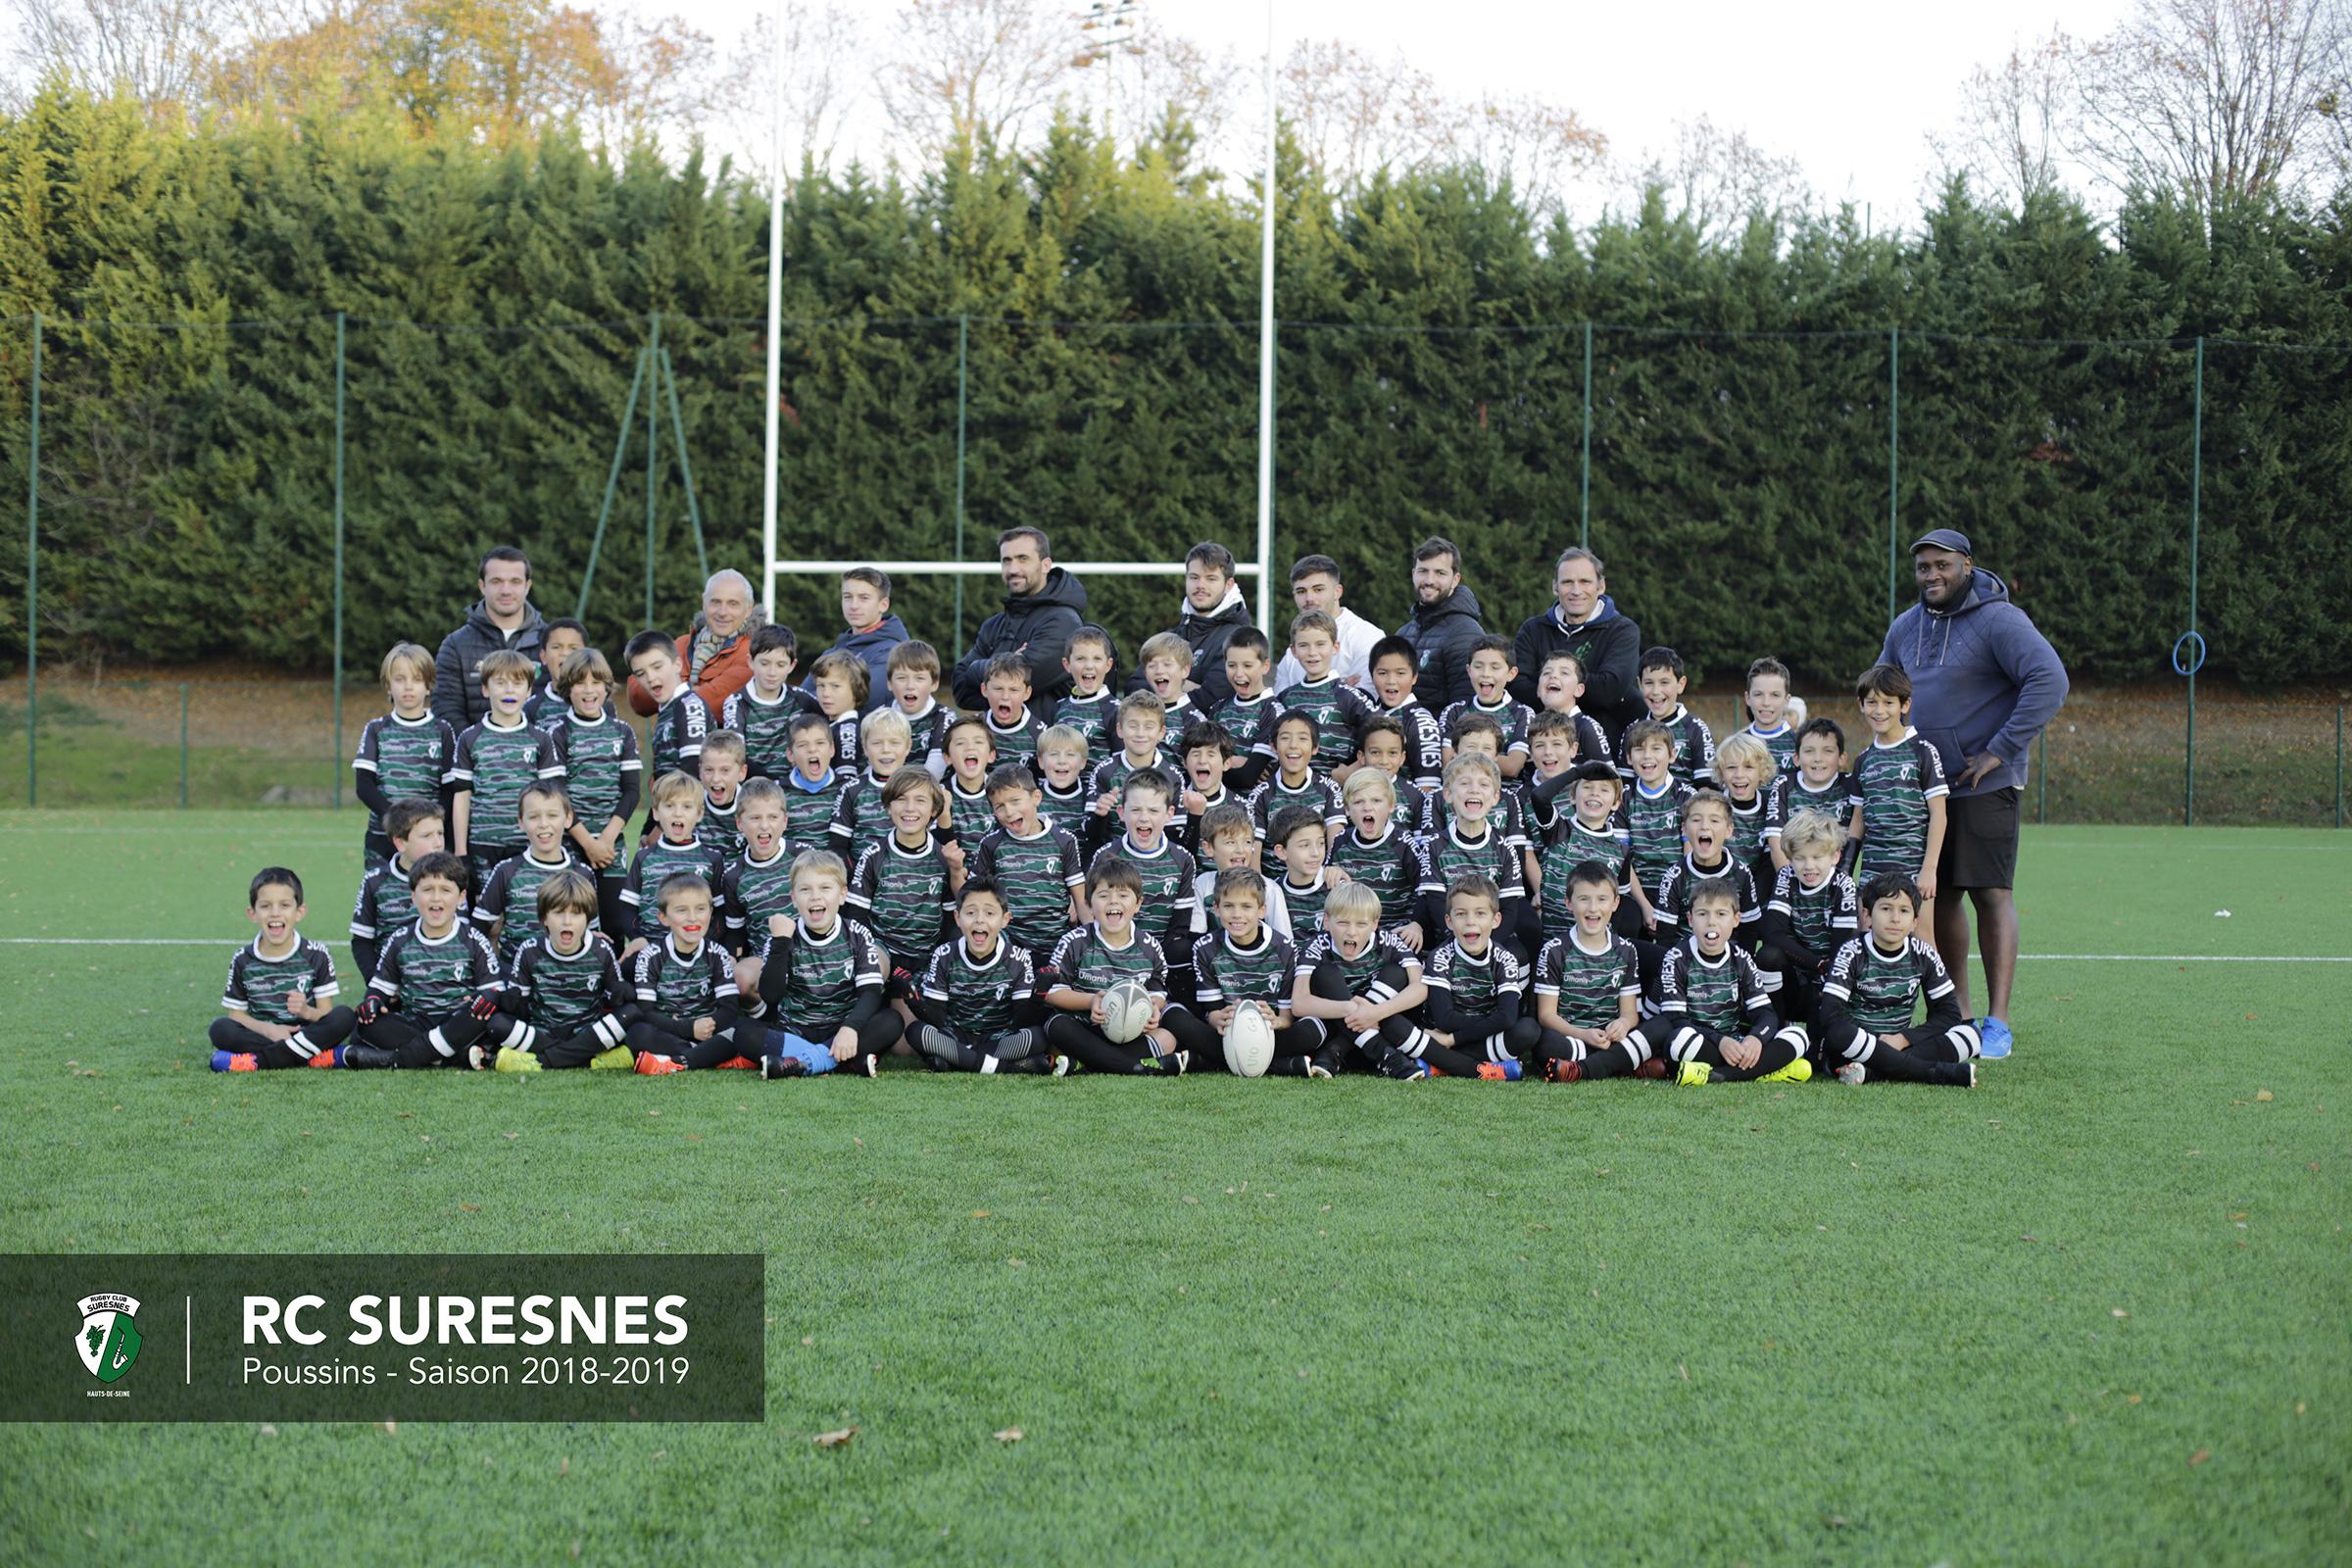 Catégorie Poussins (M10) du RC Suresnes - Saison 2018/2019